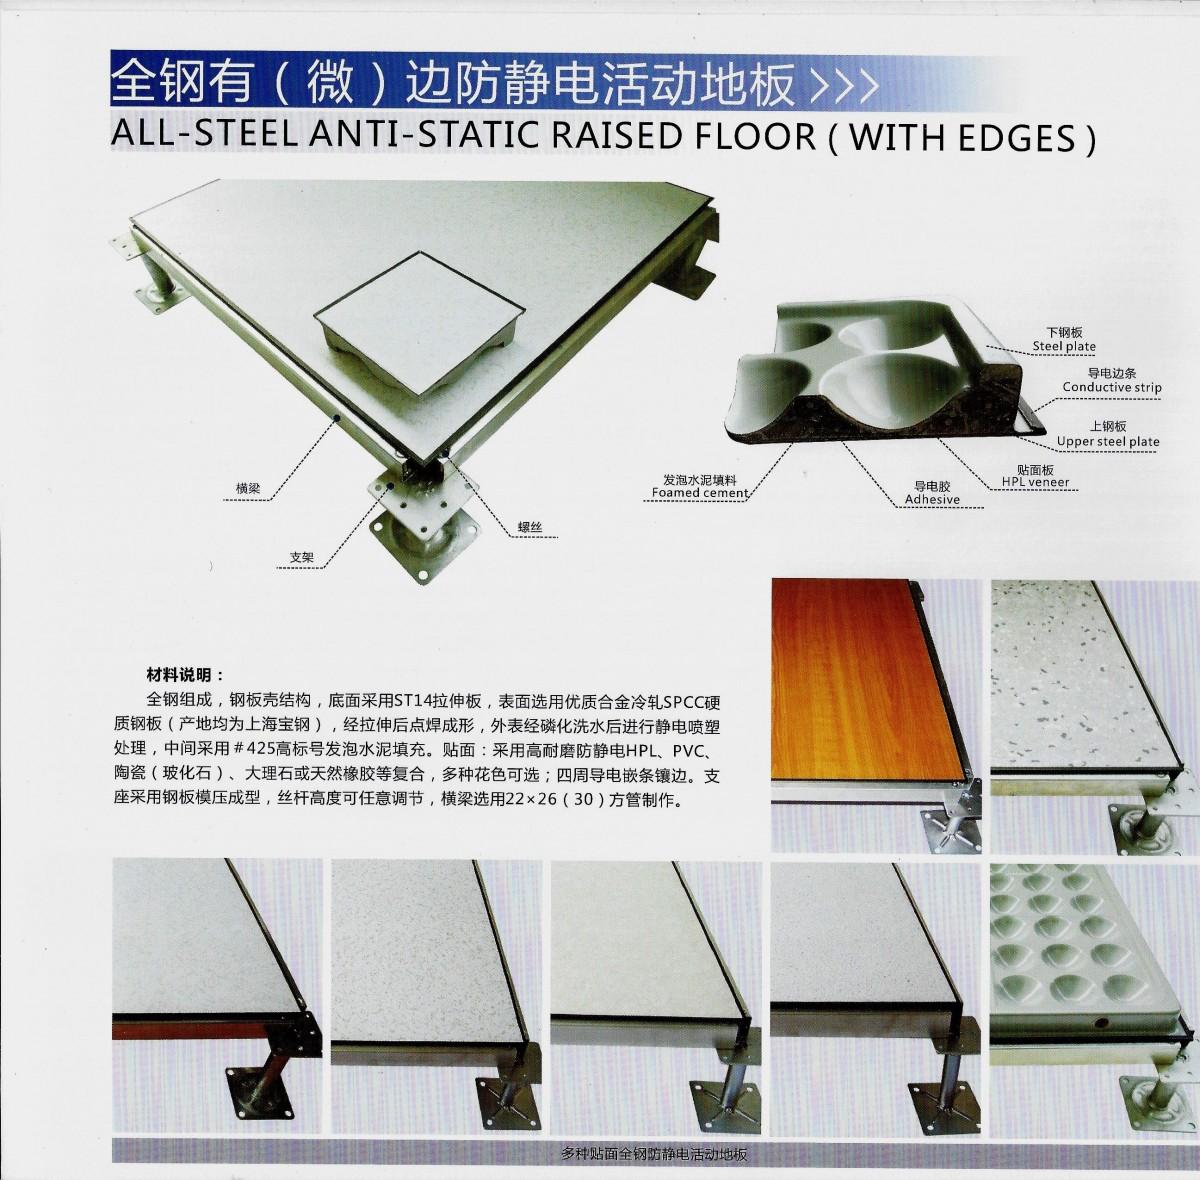 全鋼有(微)邊防靜電活動地板 (1)